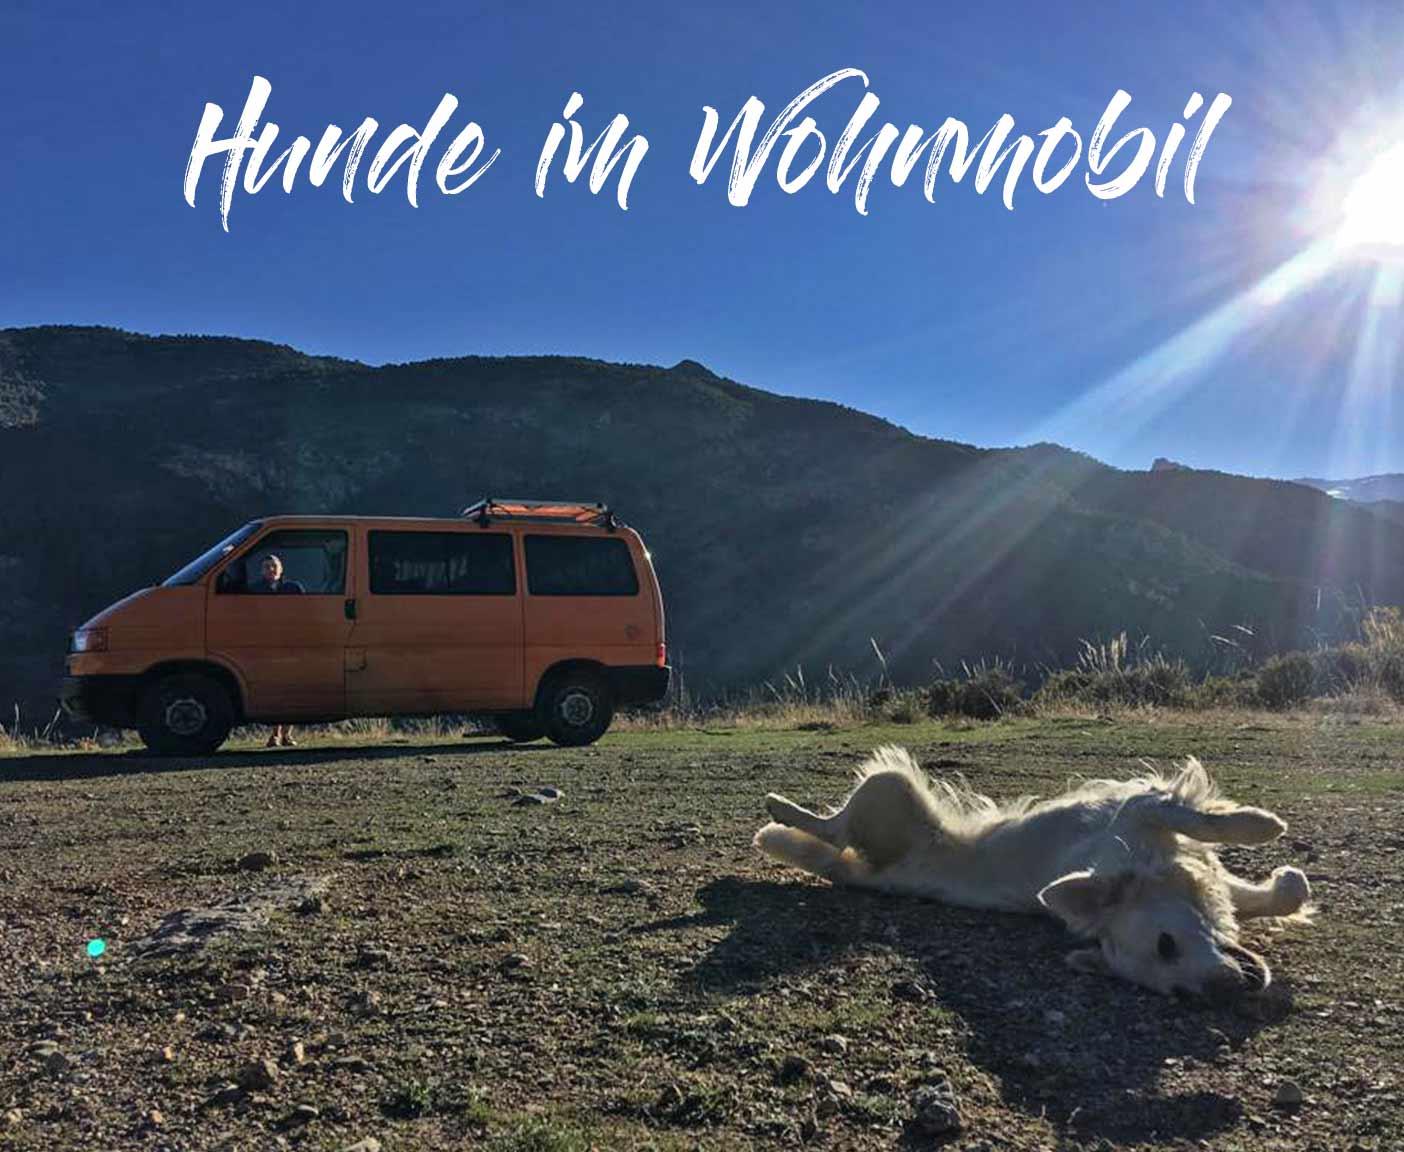 hunde-im-wohnmobil-frankreich-regeln-transport-heimtierpass